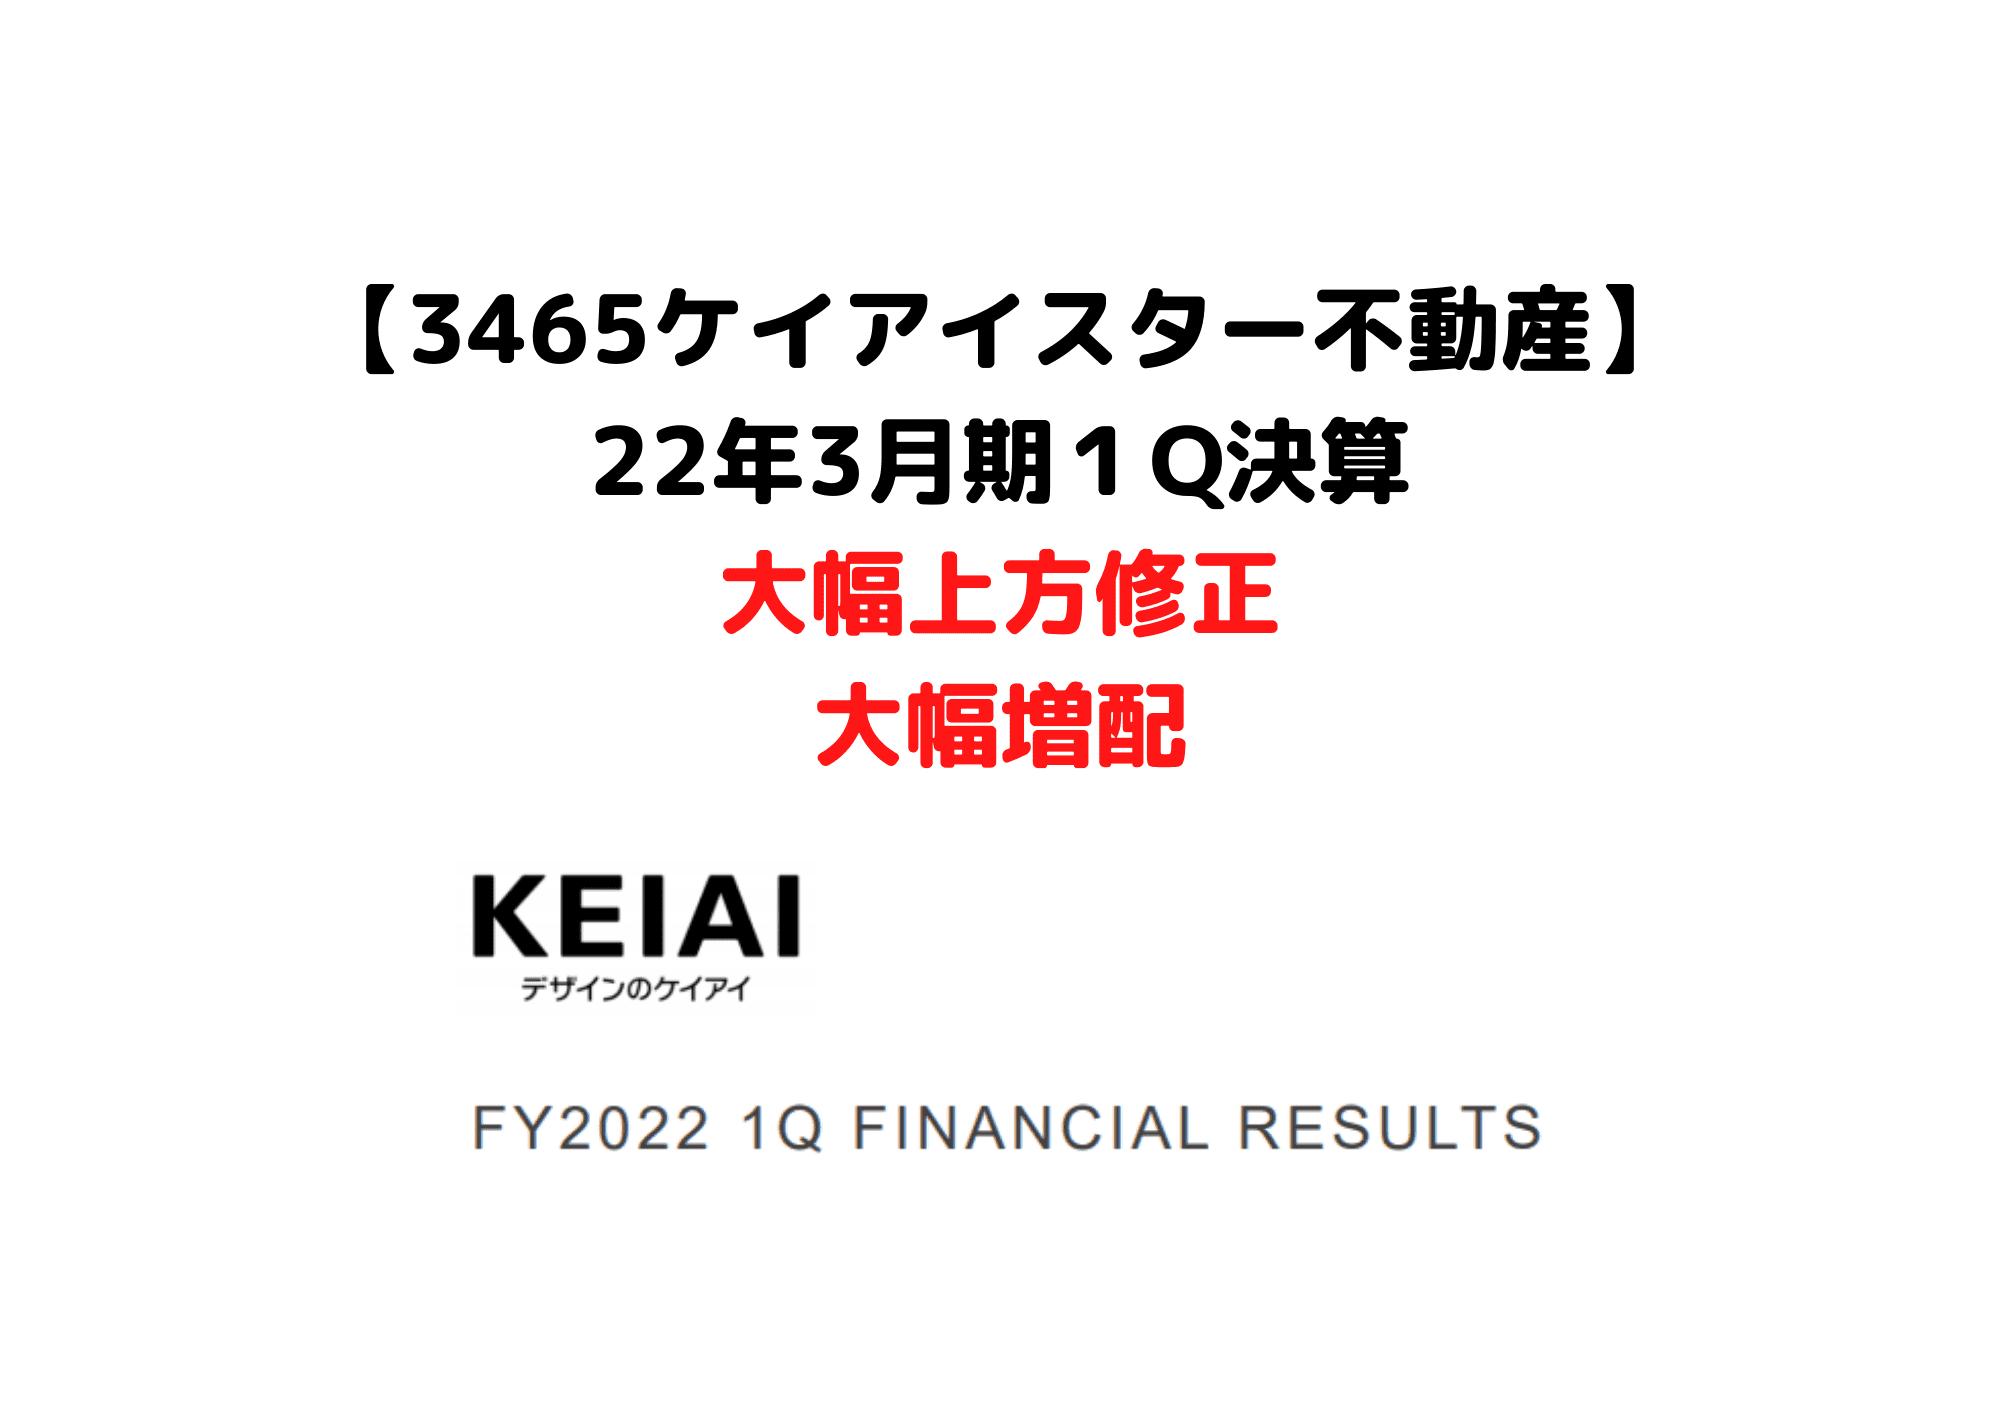 3465 ケイアイスター不動産 (1) (1)